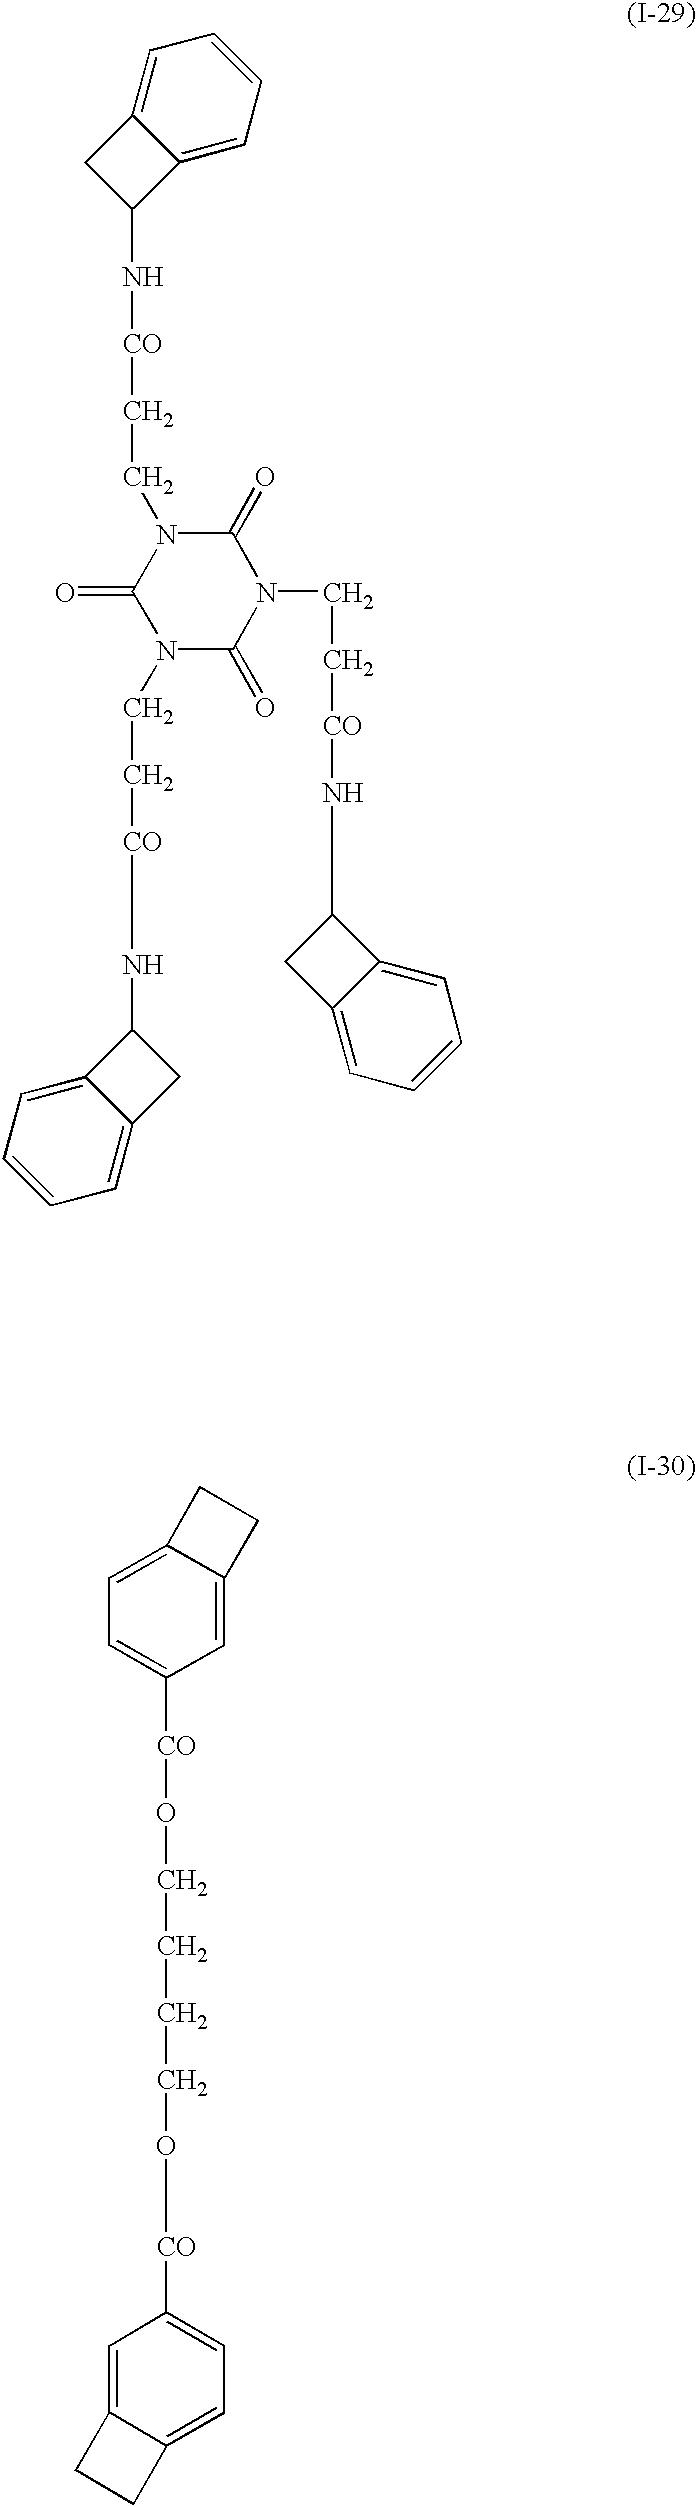 Figure US20030165778A1-20030904-C00020